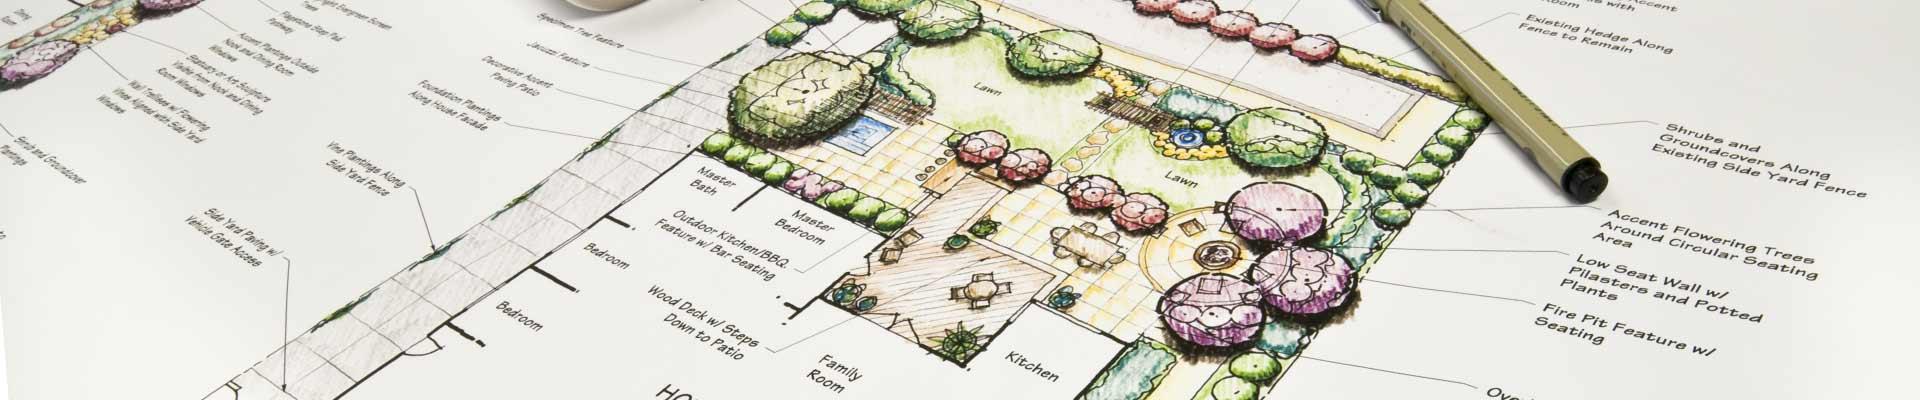 Garden Design alt